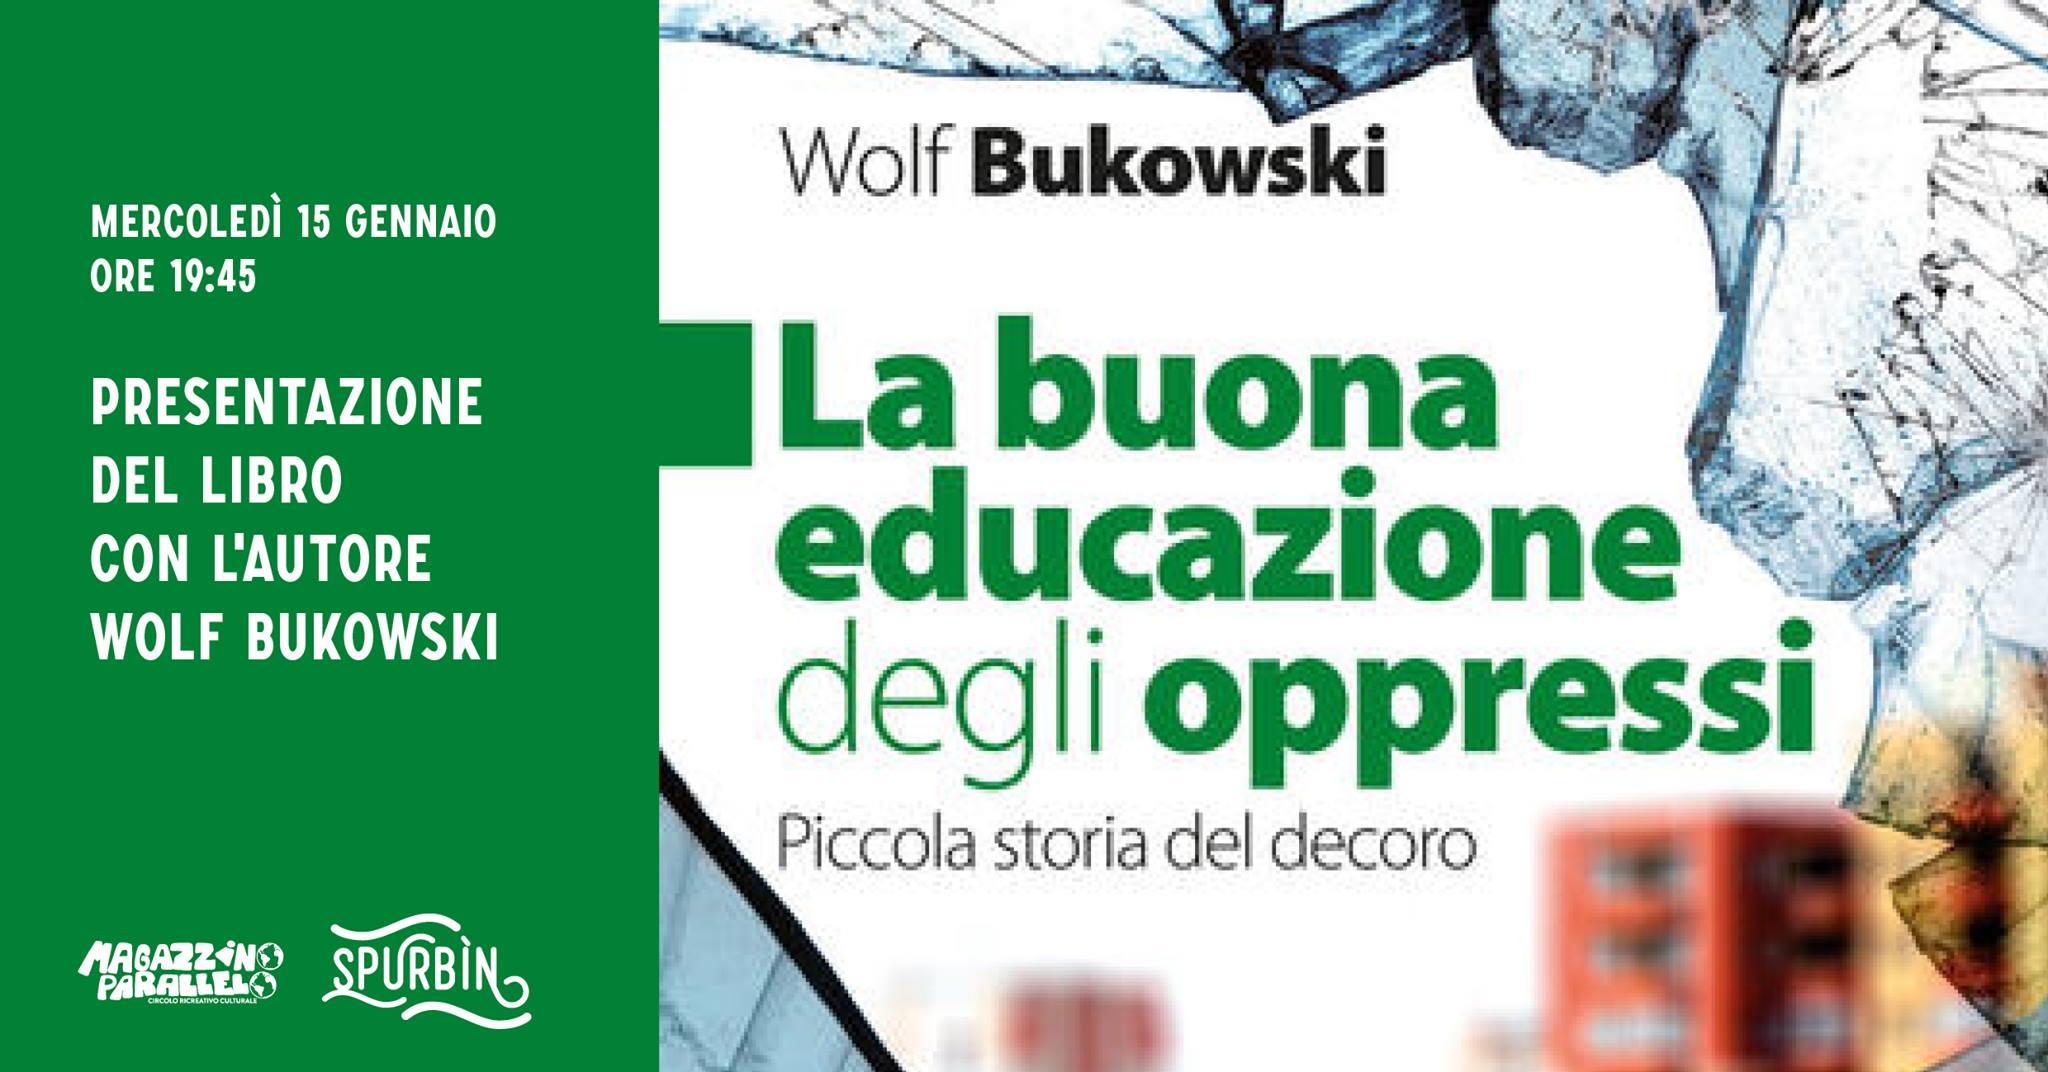 Presentazione di La buona educazione degli oppressi / at Spurbìn